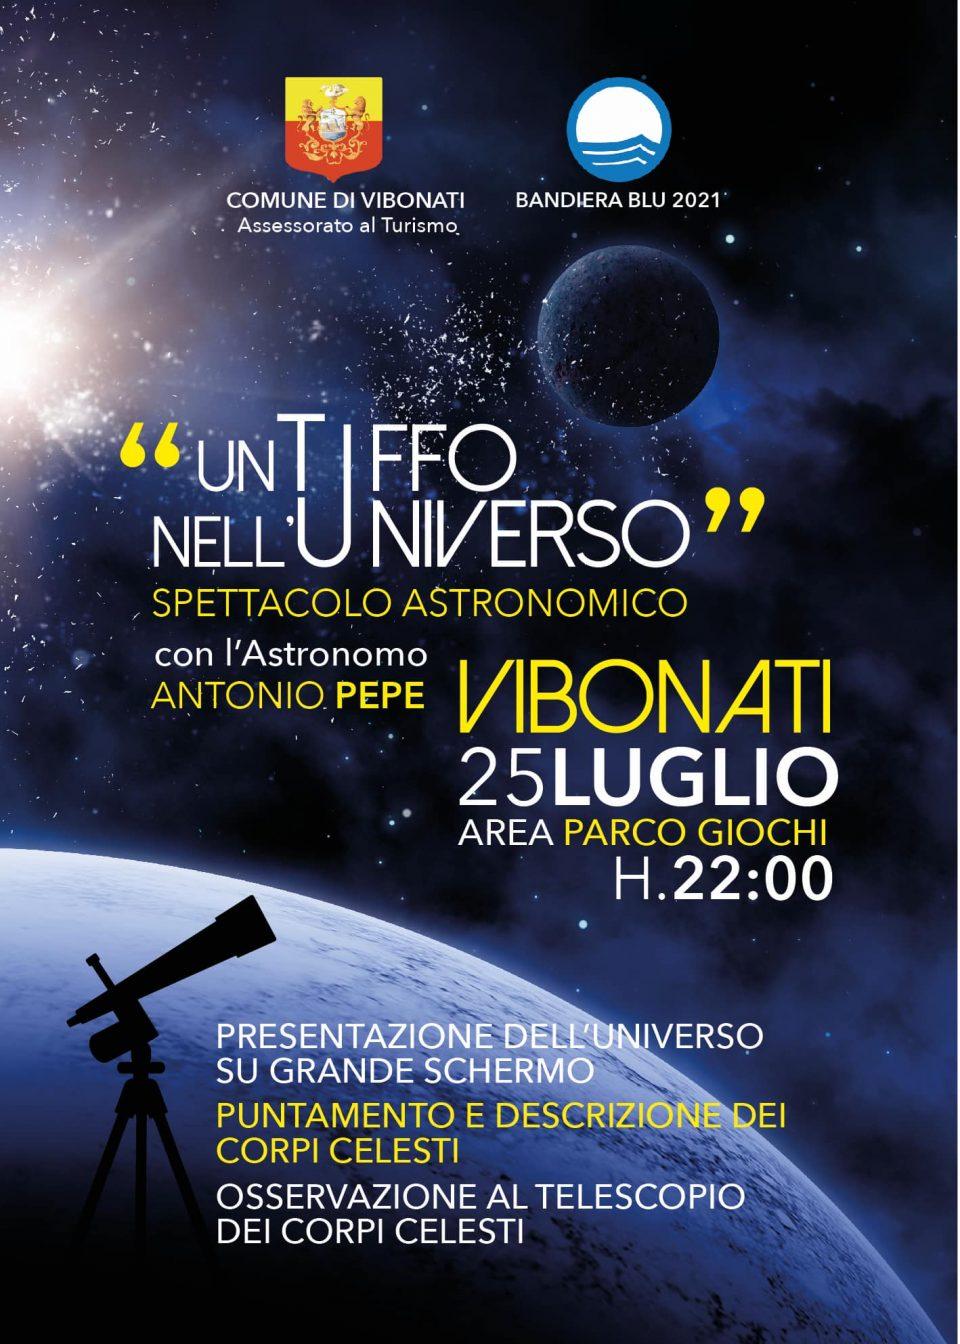 Tuffo universo 2021 Vibonati Cilento locandina 960x1344 - Un Tuffo nell' universo 2021, Vibonati (SA), 25 luglio 2021